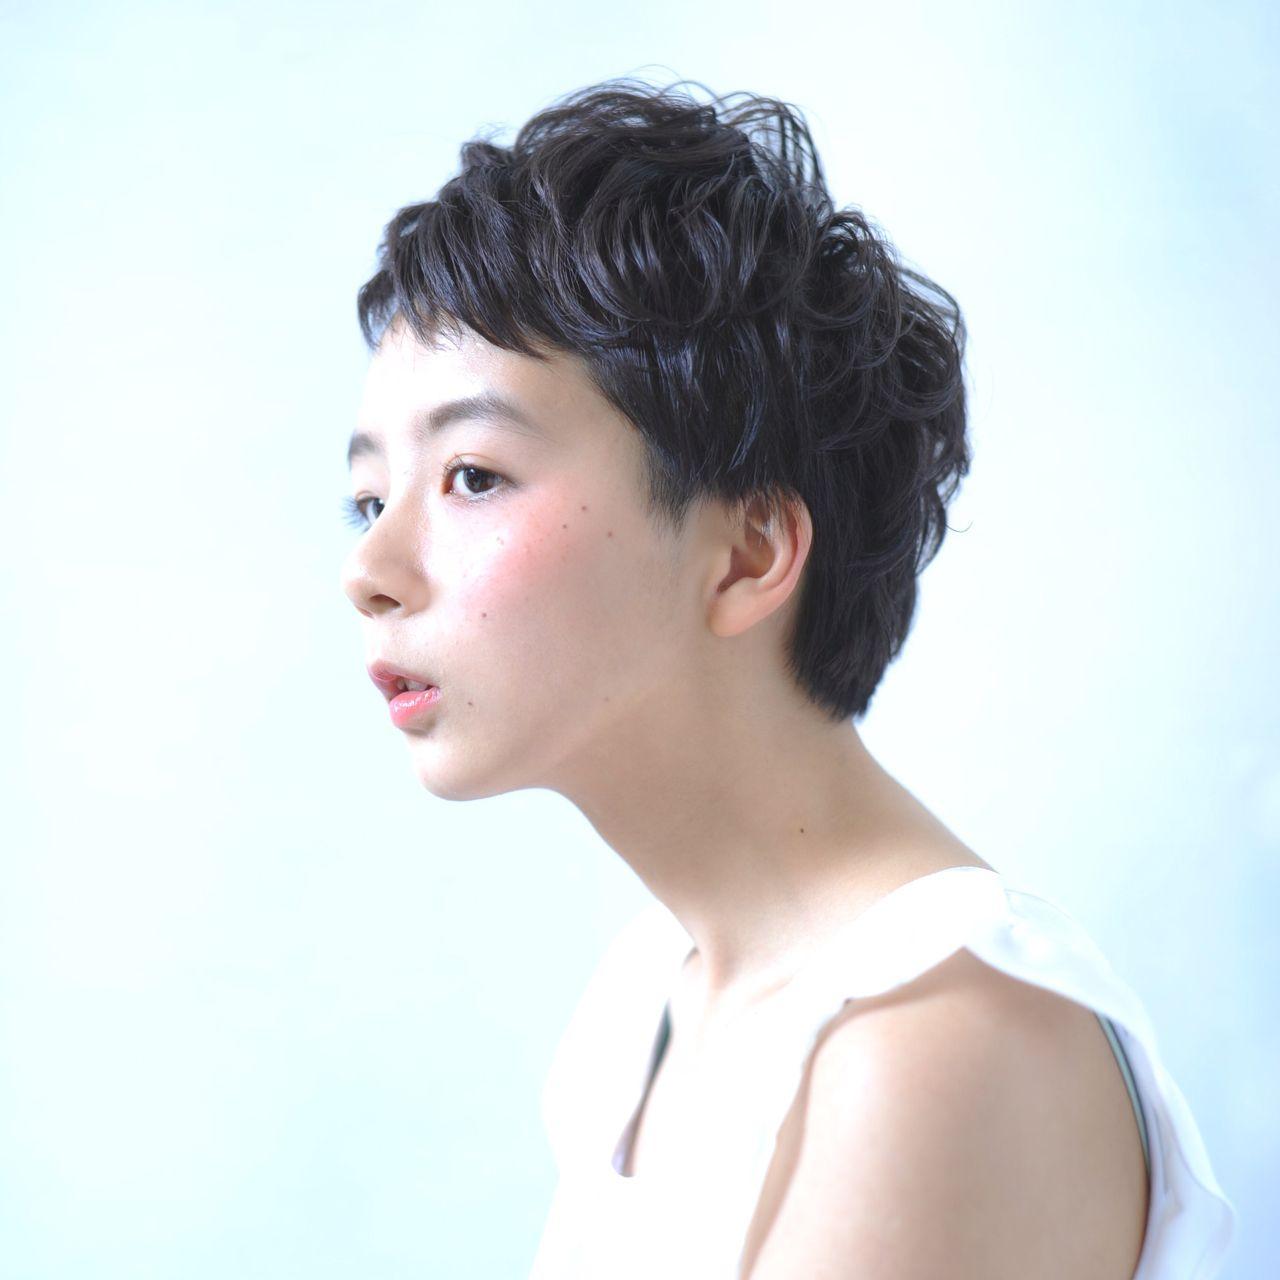 黒髪ベリーショートの魅力とは。 川端梨紗